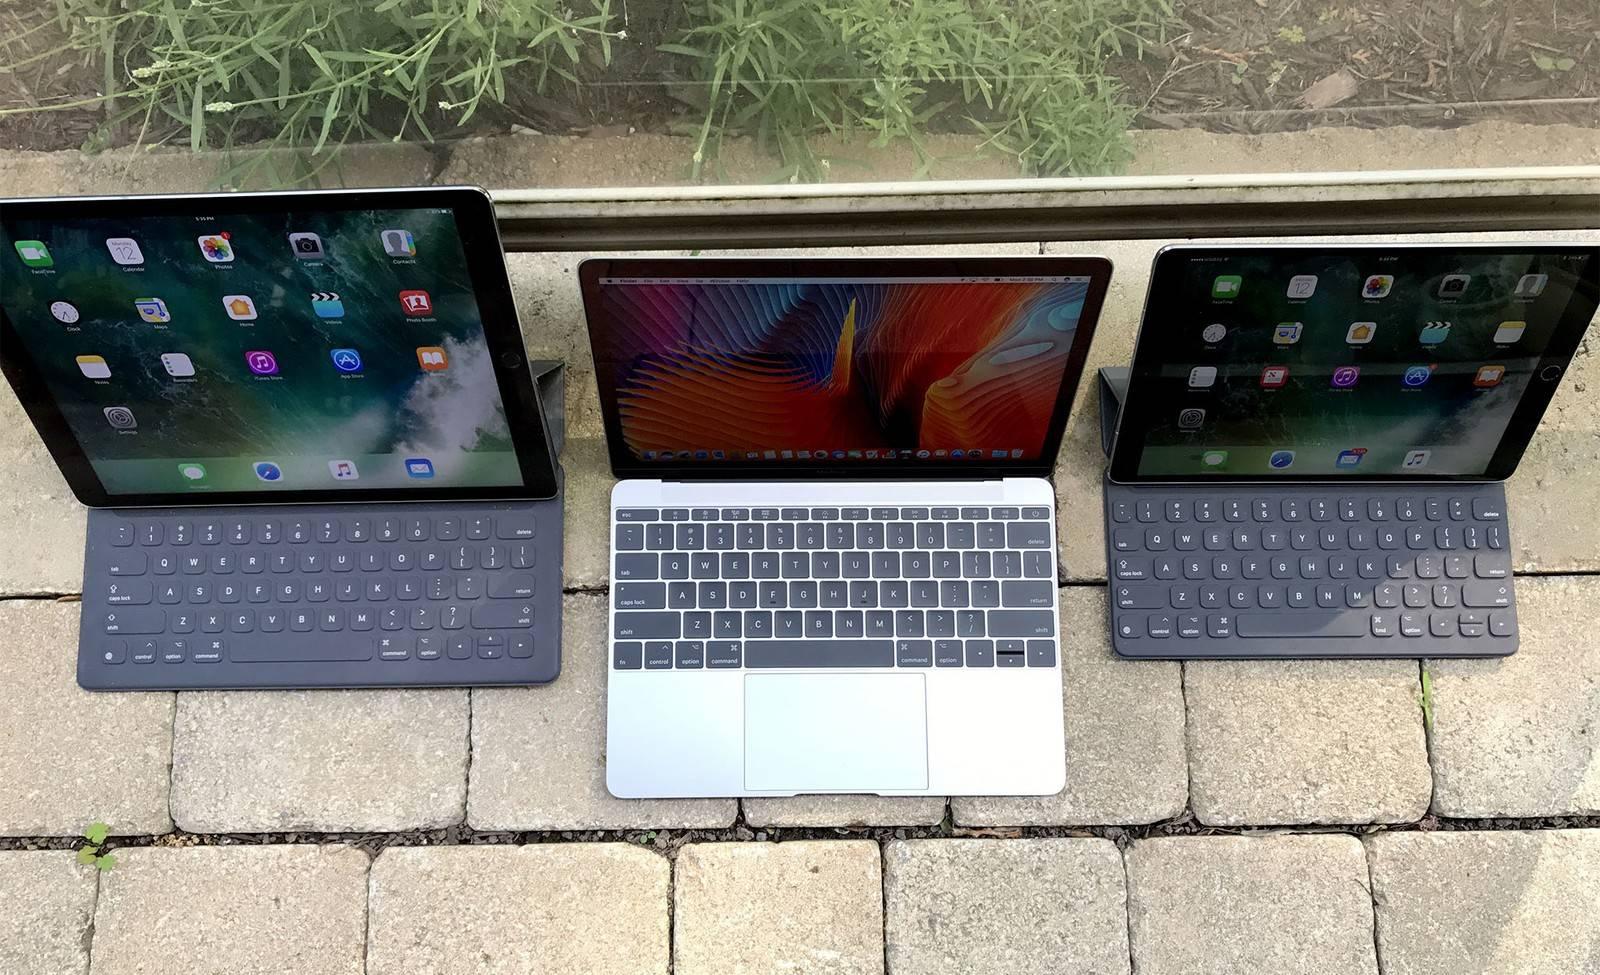 apple ipad macbook mini-led